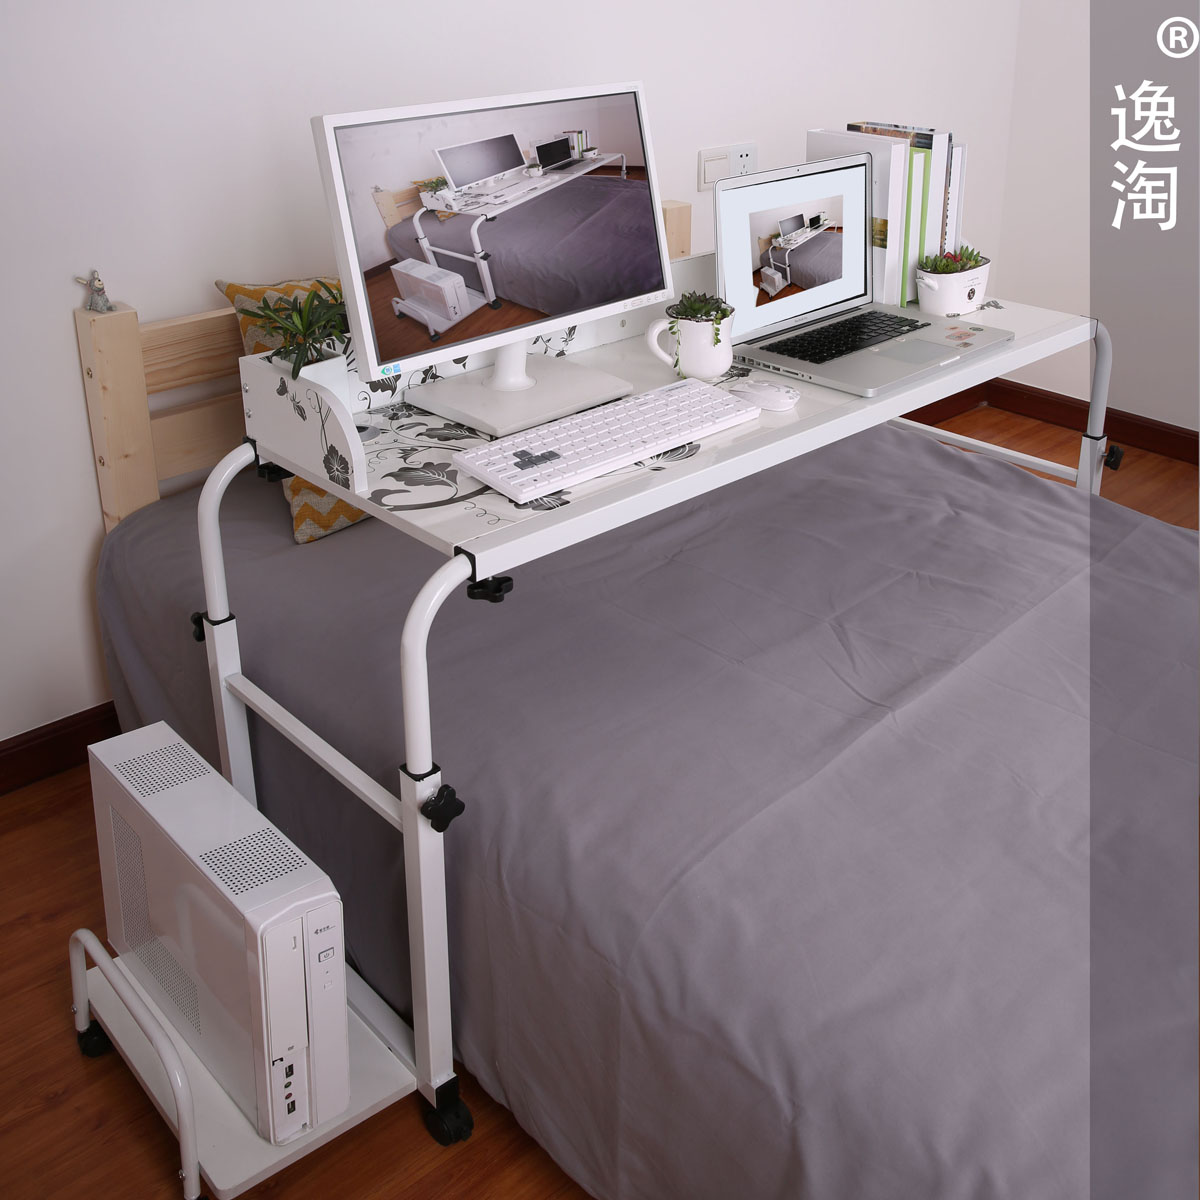 床上雙人電腦桌在淘寶網的熱銷商品,目前共找到 915筆資料。